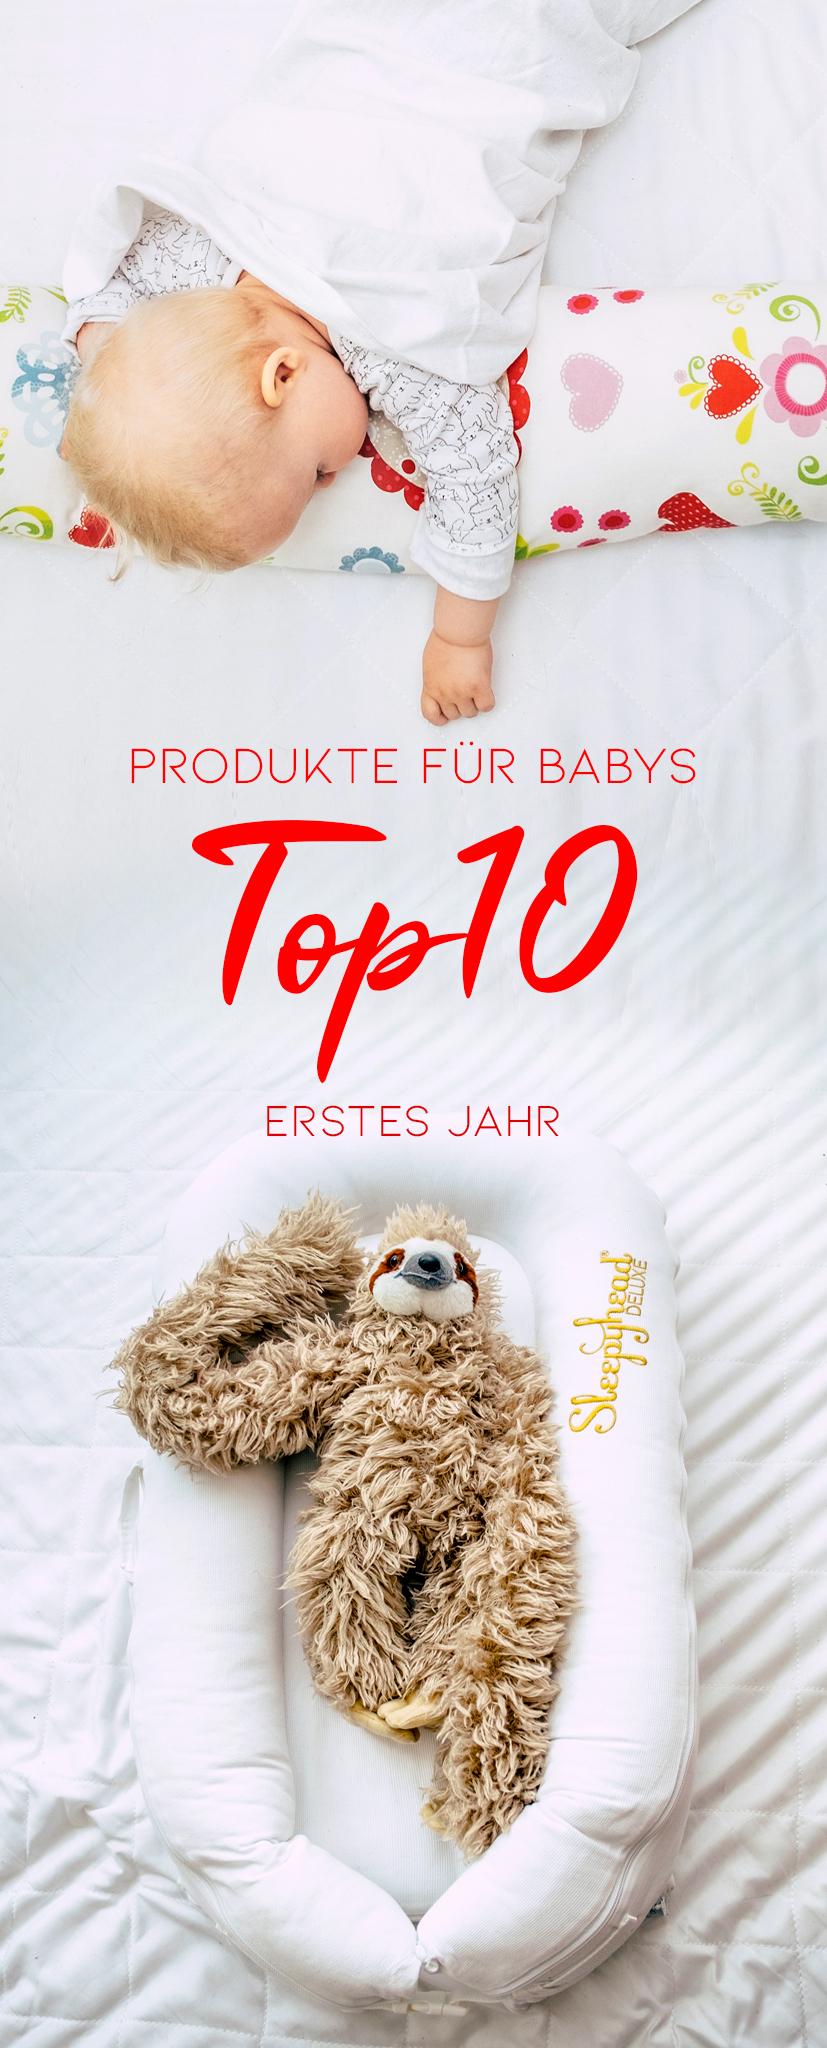 Babyausstattung Liste Pinterest